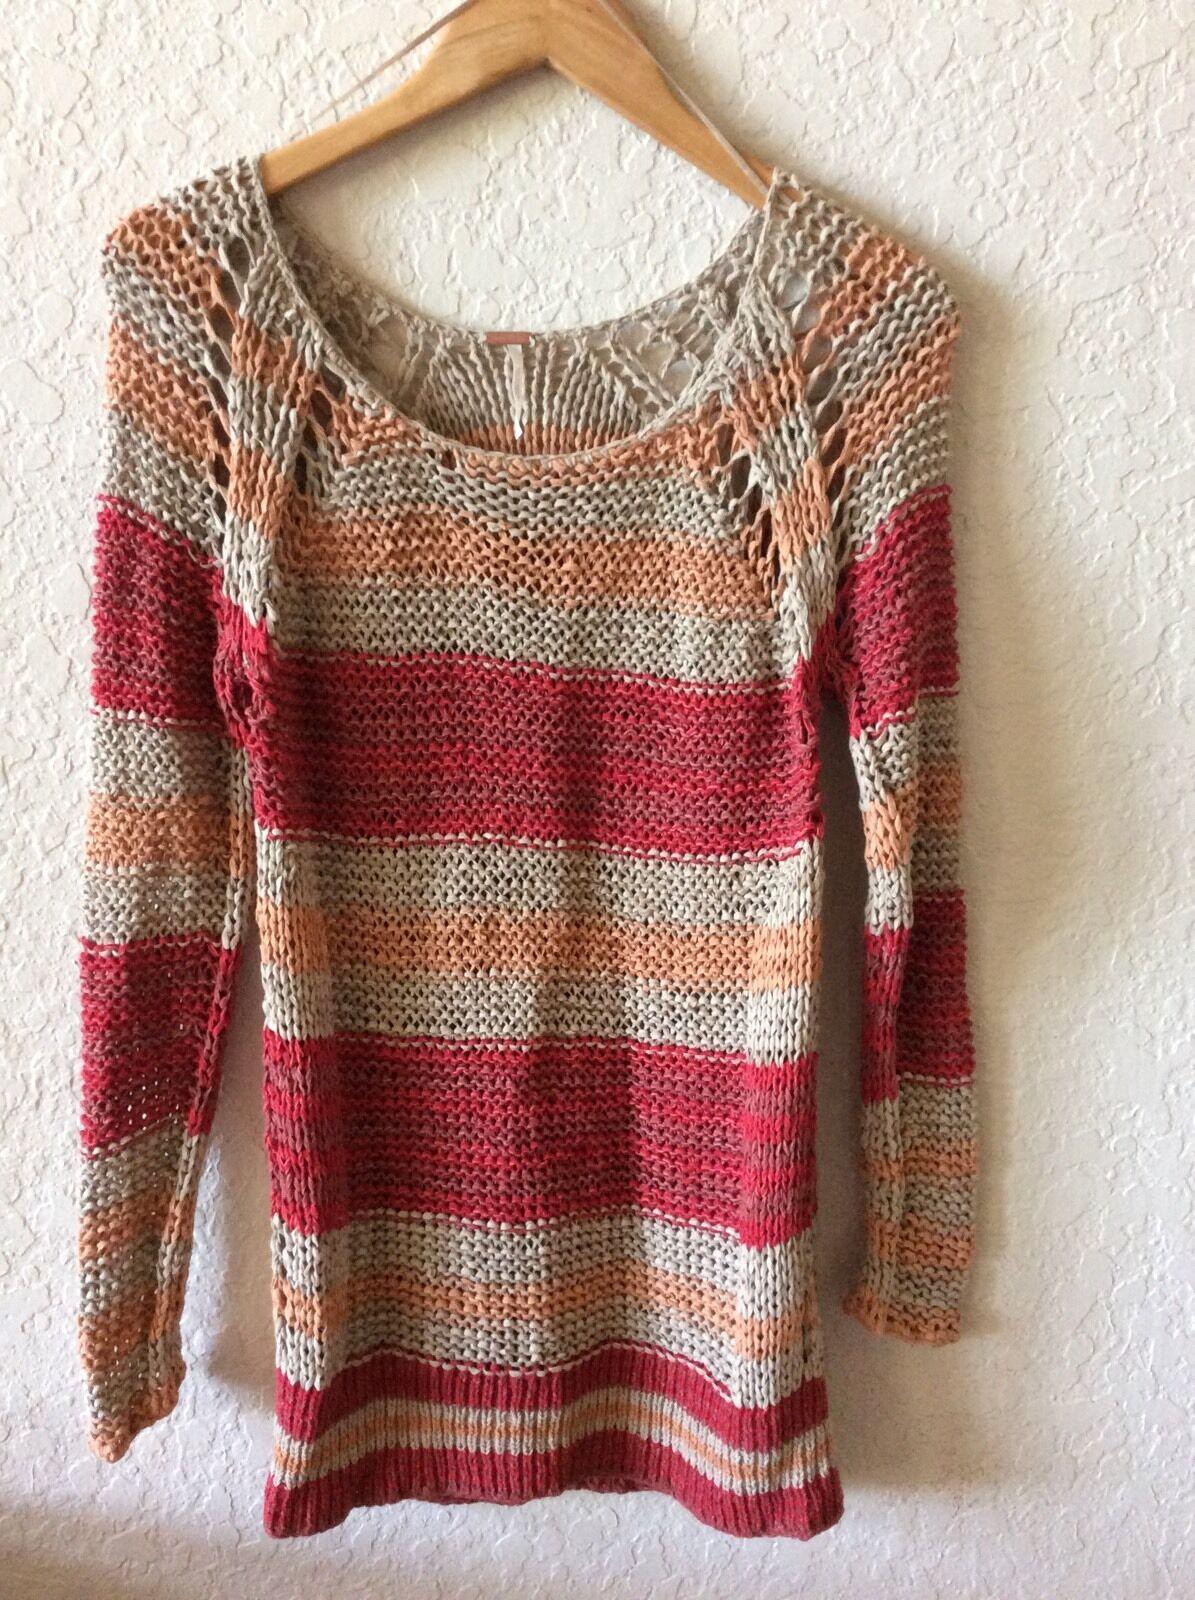 00d47ee08cd7 Free People Sleeve Knit Sweater orange Red Beige S Long Stripe ...